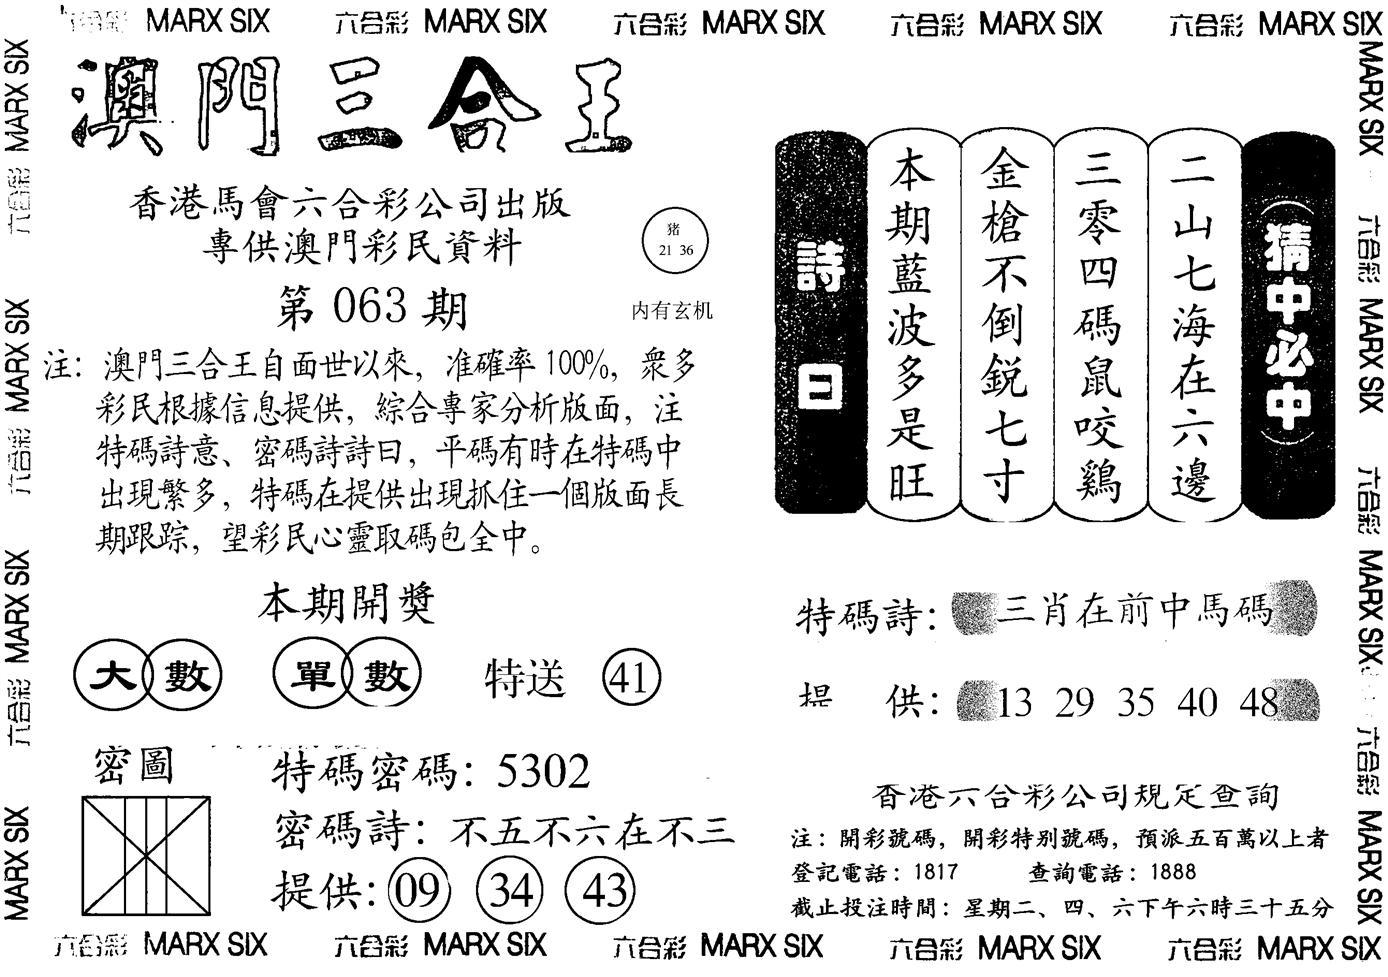 063期澳门三合王B(黑白)